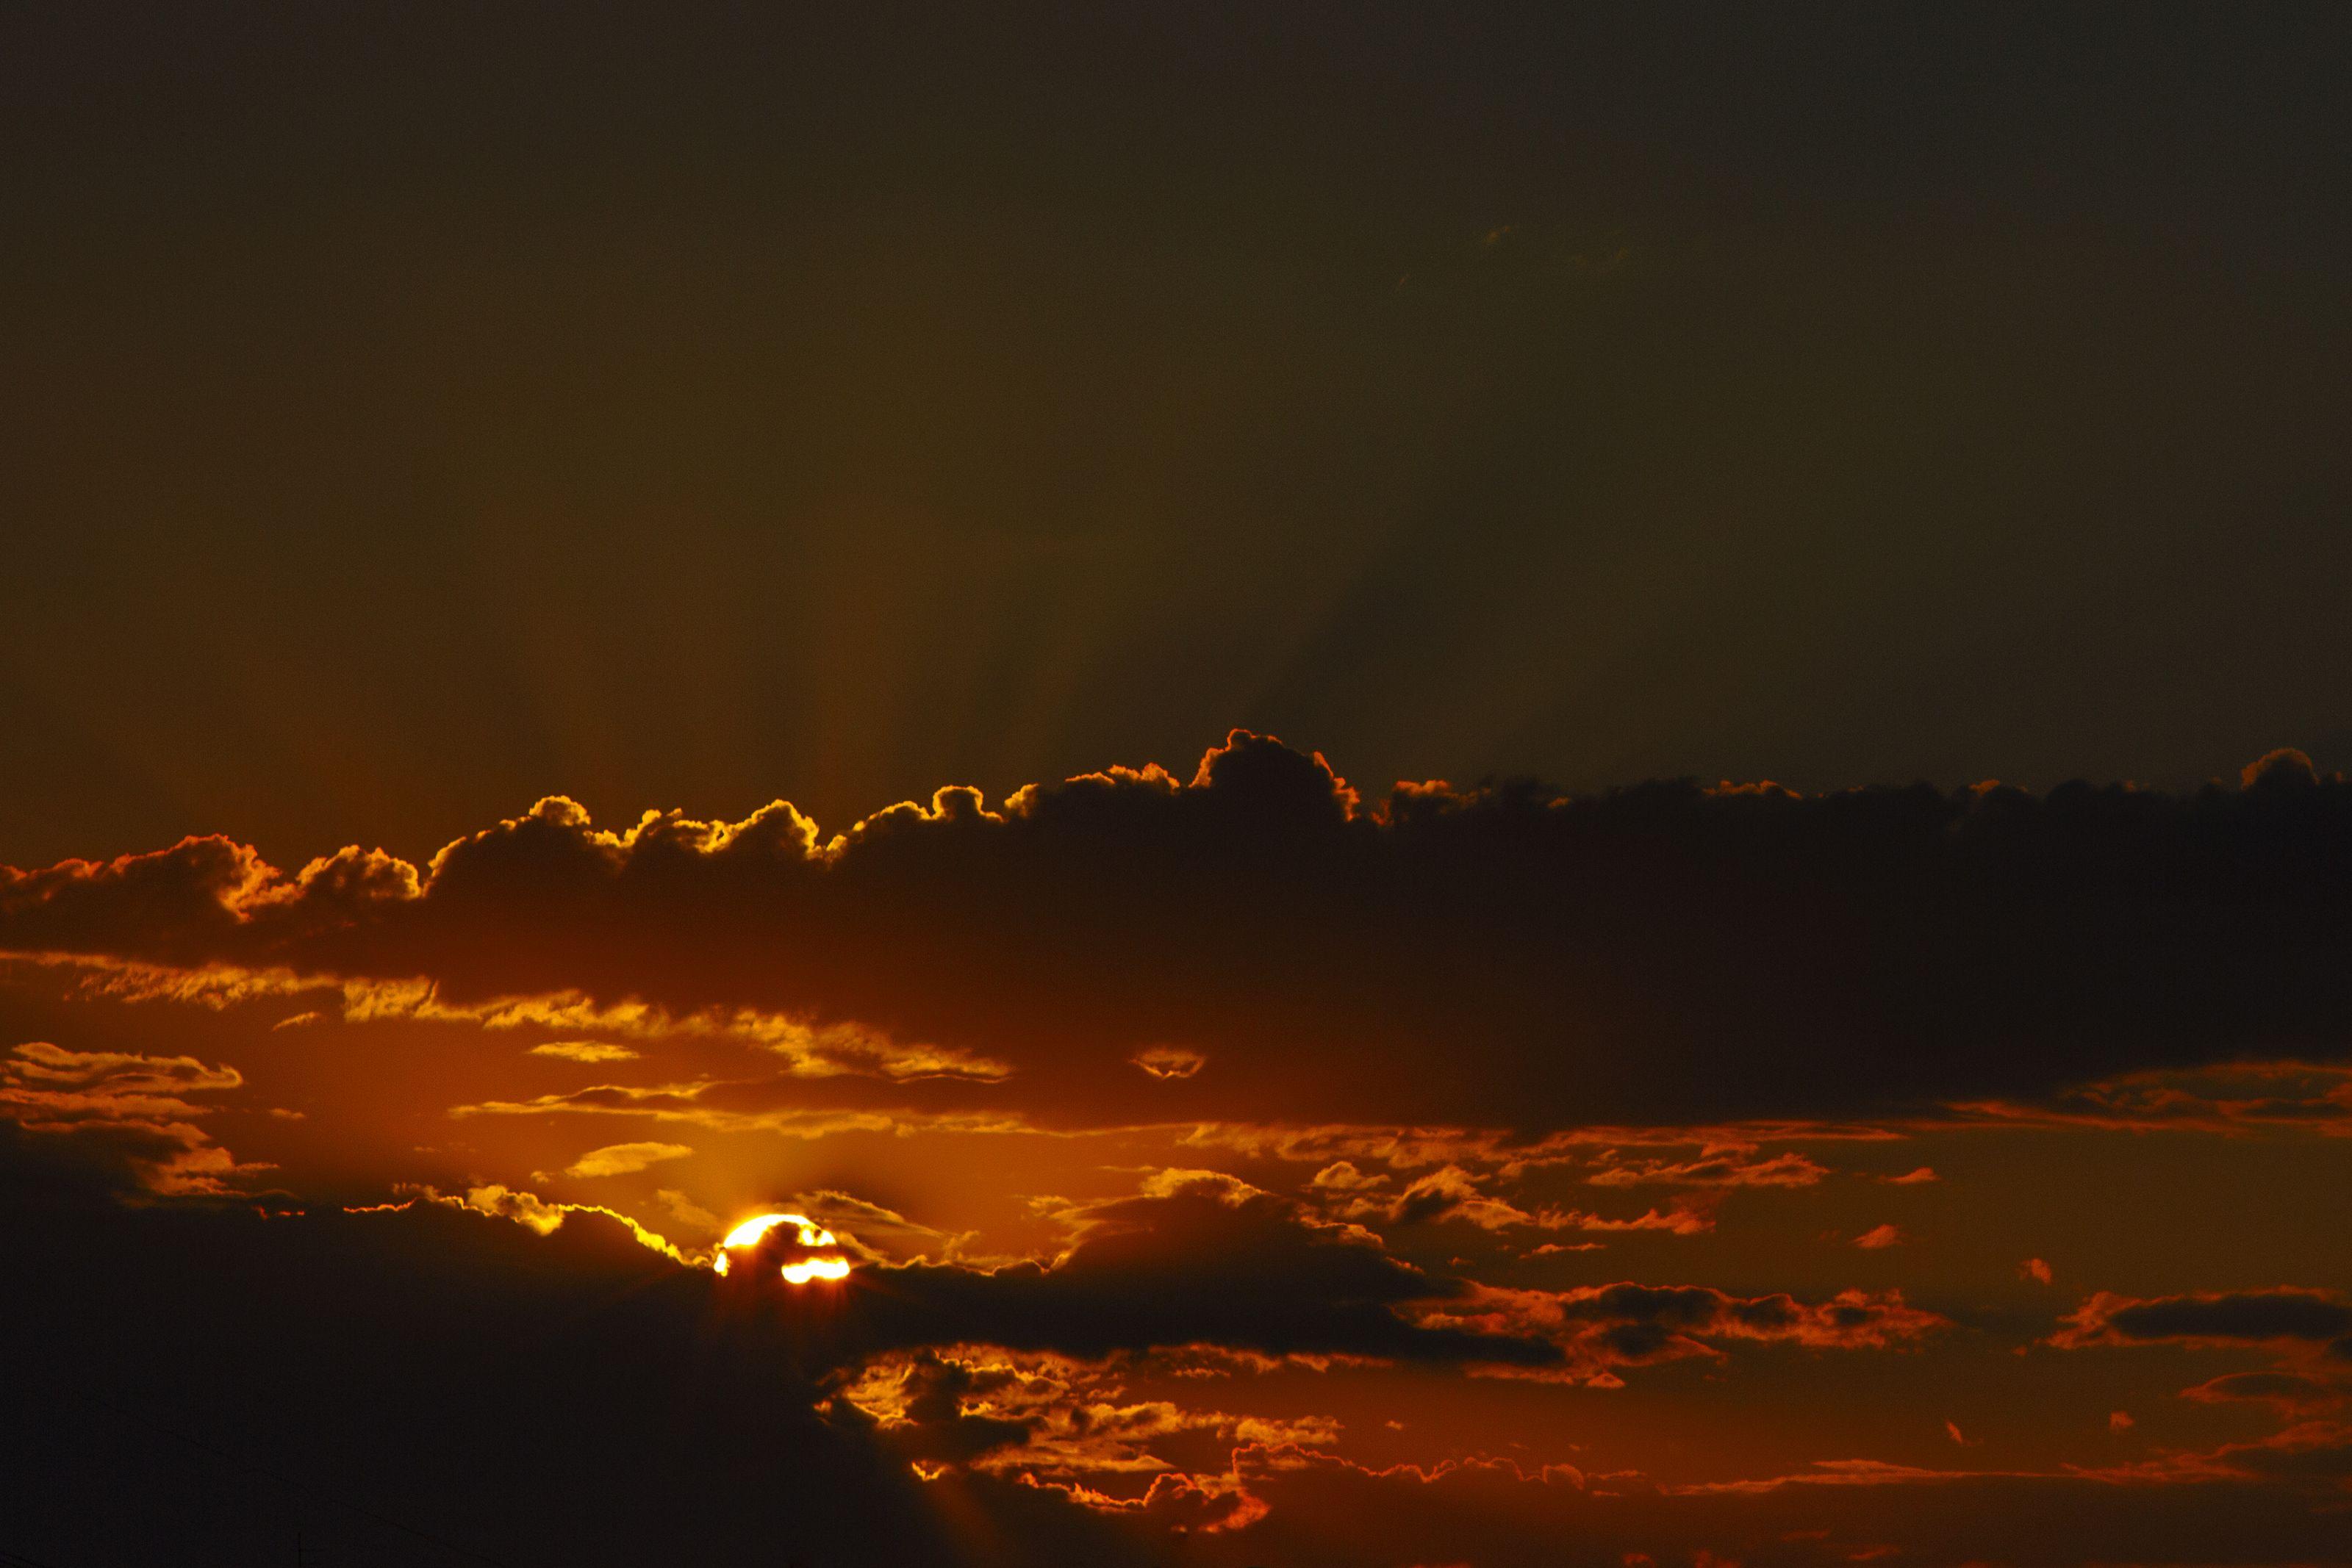 пейзаж, пейзаж с небом, небесный пейзаж, небо, лучи солнца, облака, закат, Александр Кожухов